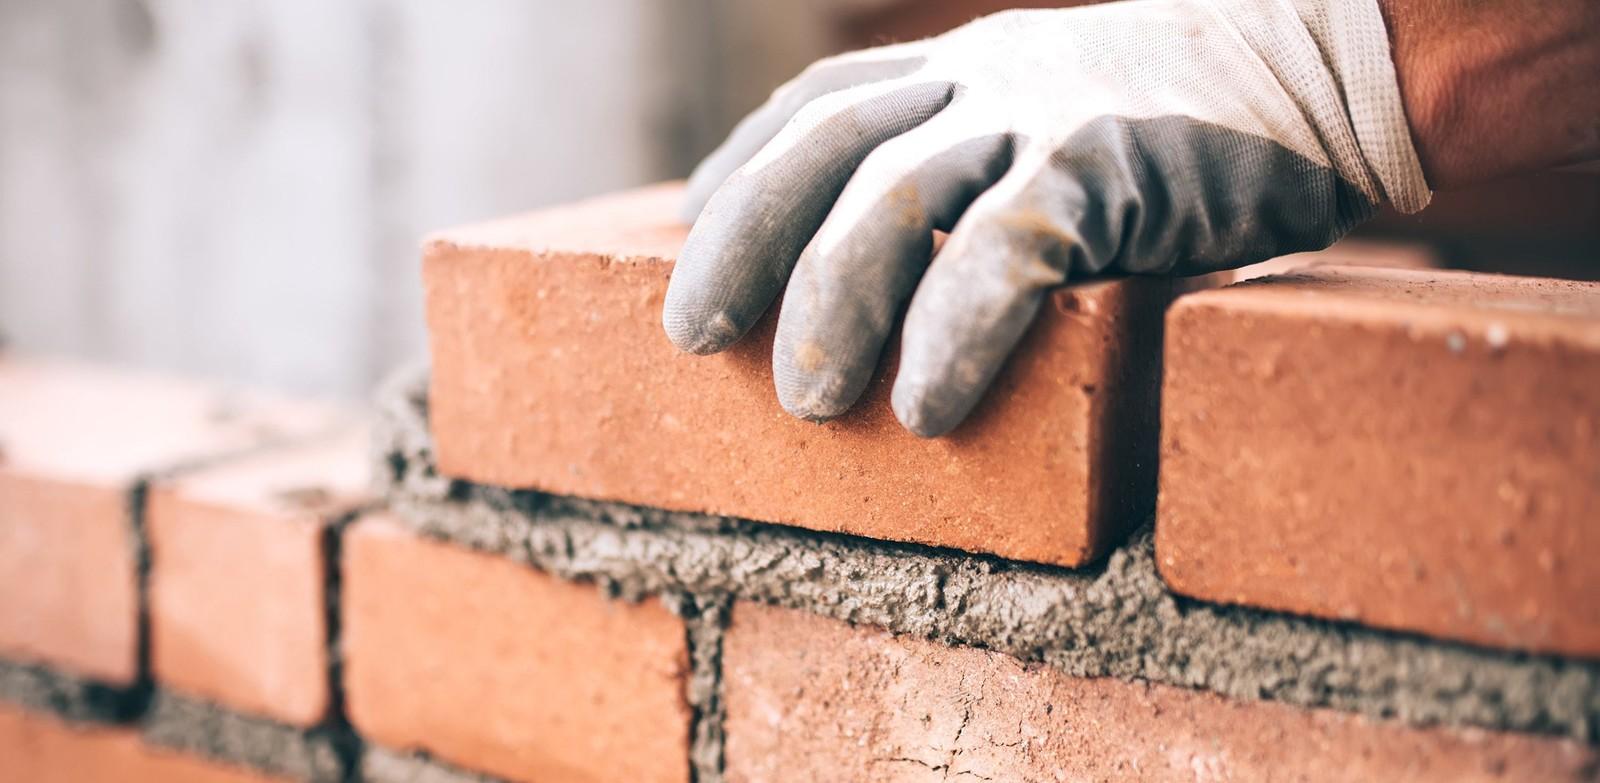 Laying Bricks image